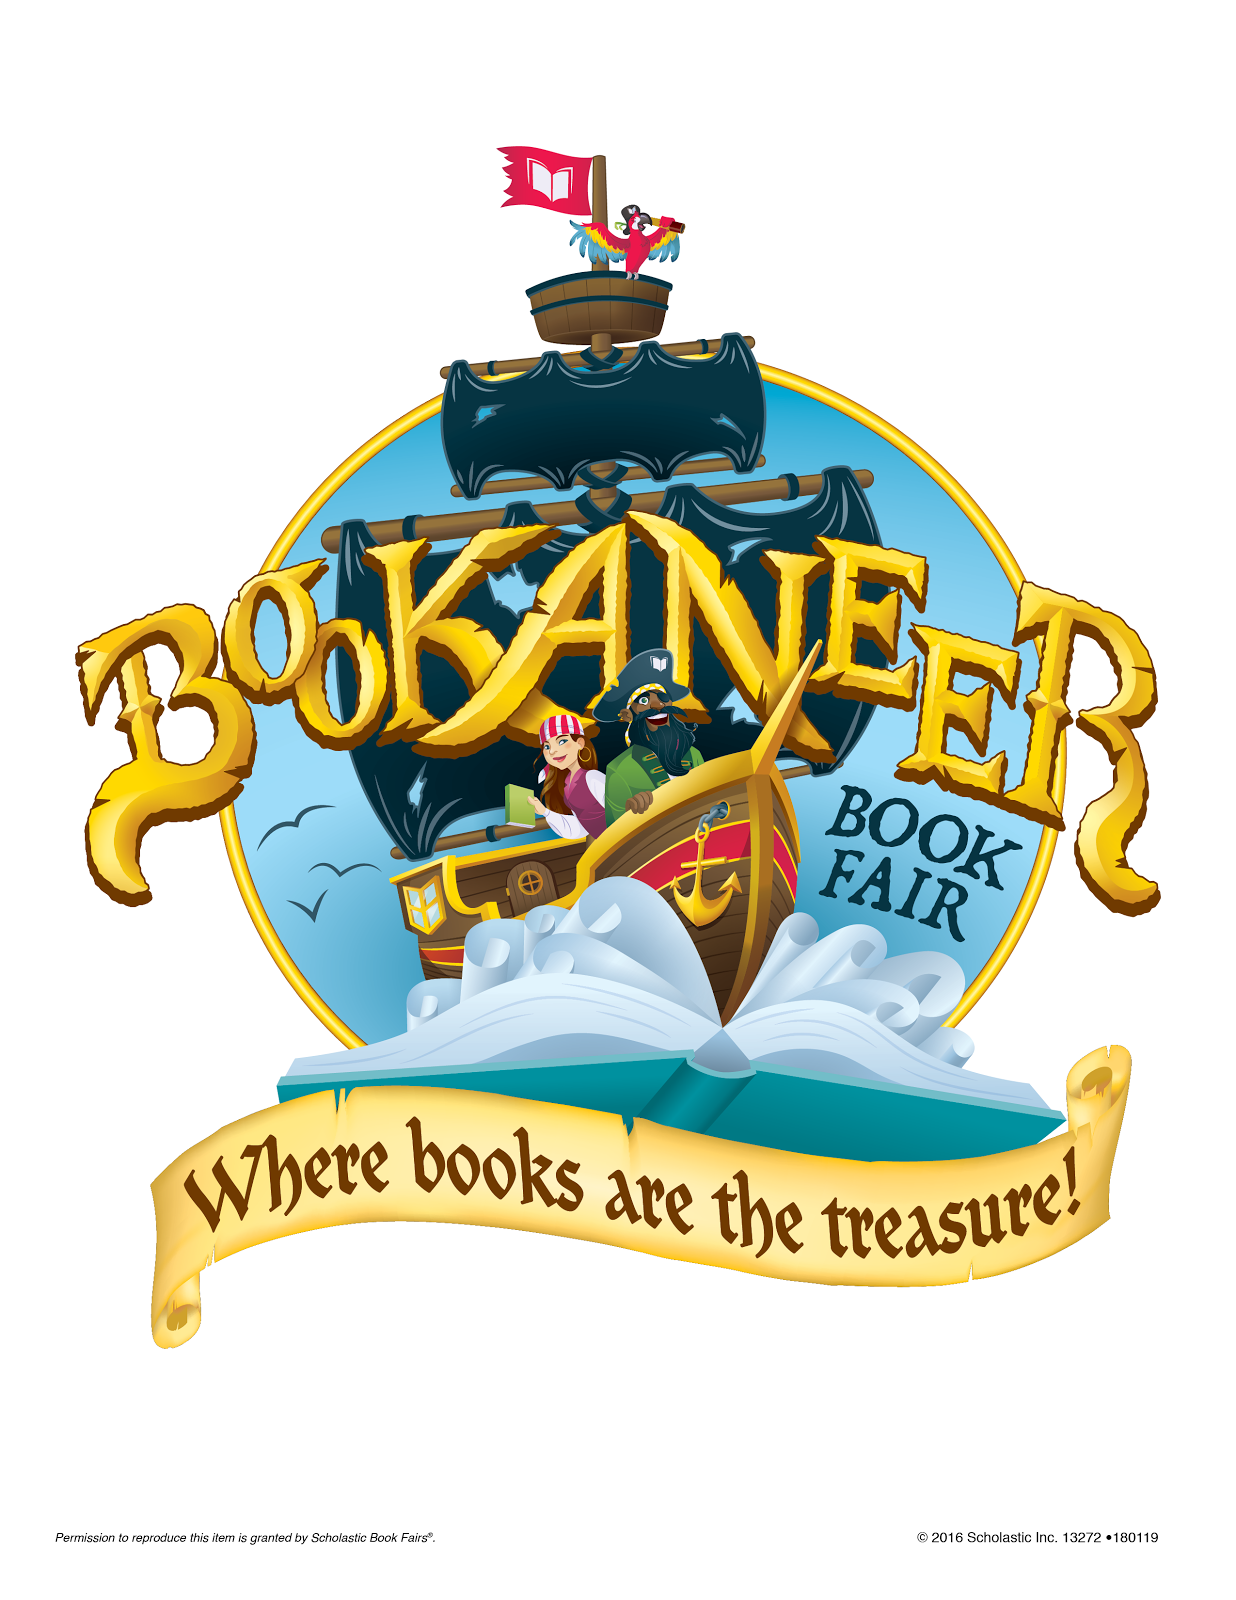 Fall 2016 Book Fair